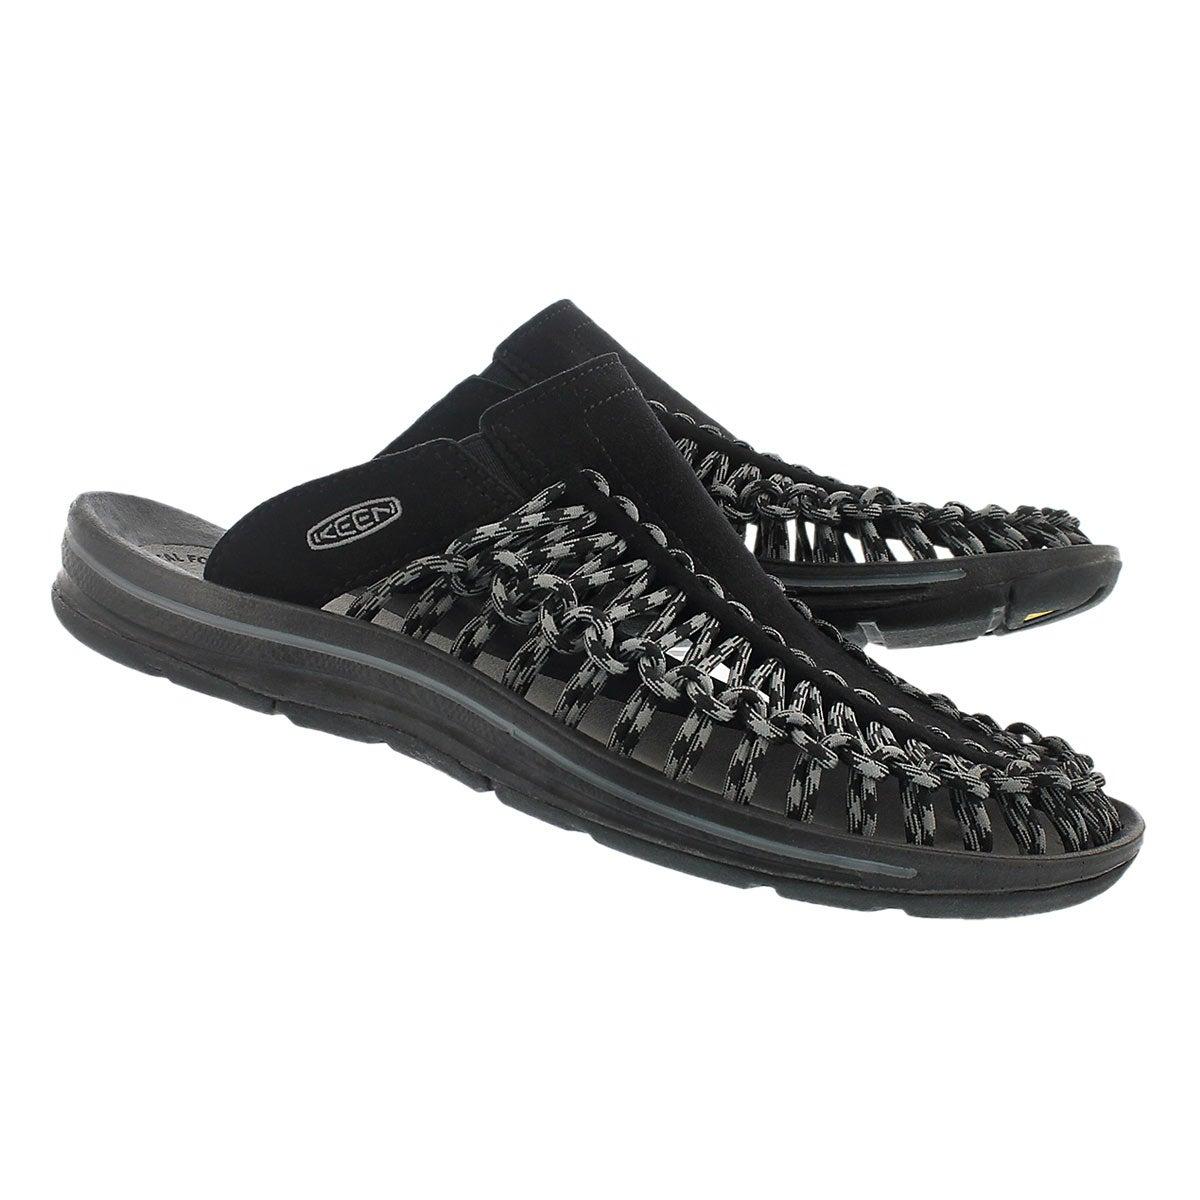 Sandale déc. Uneek Slide, noir/gris, hom